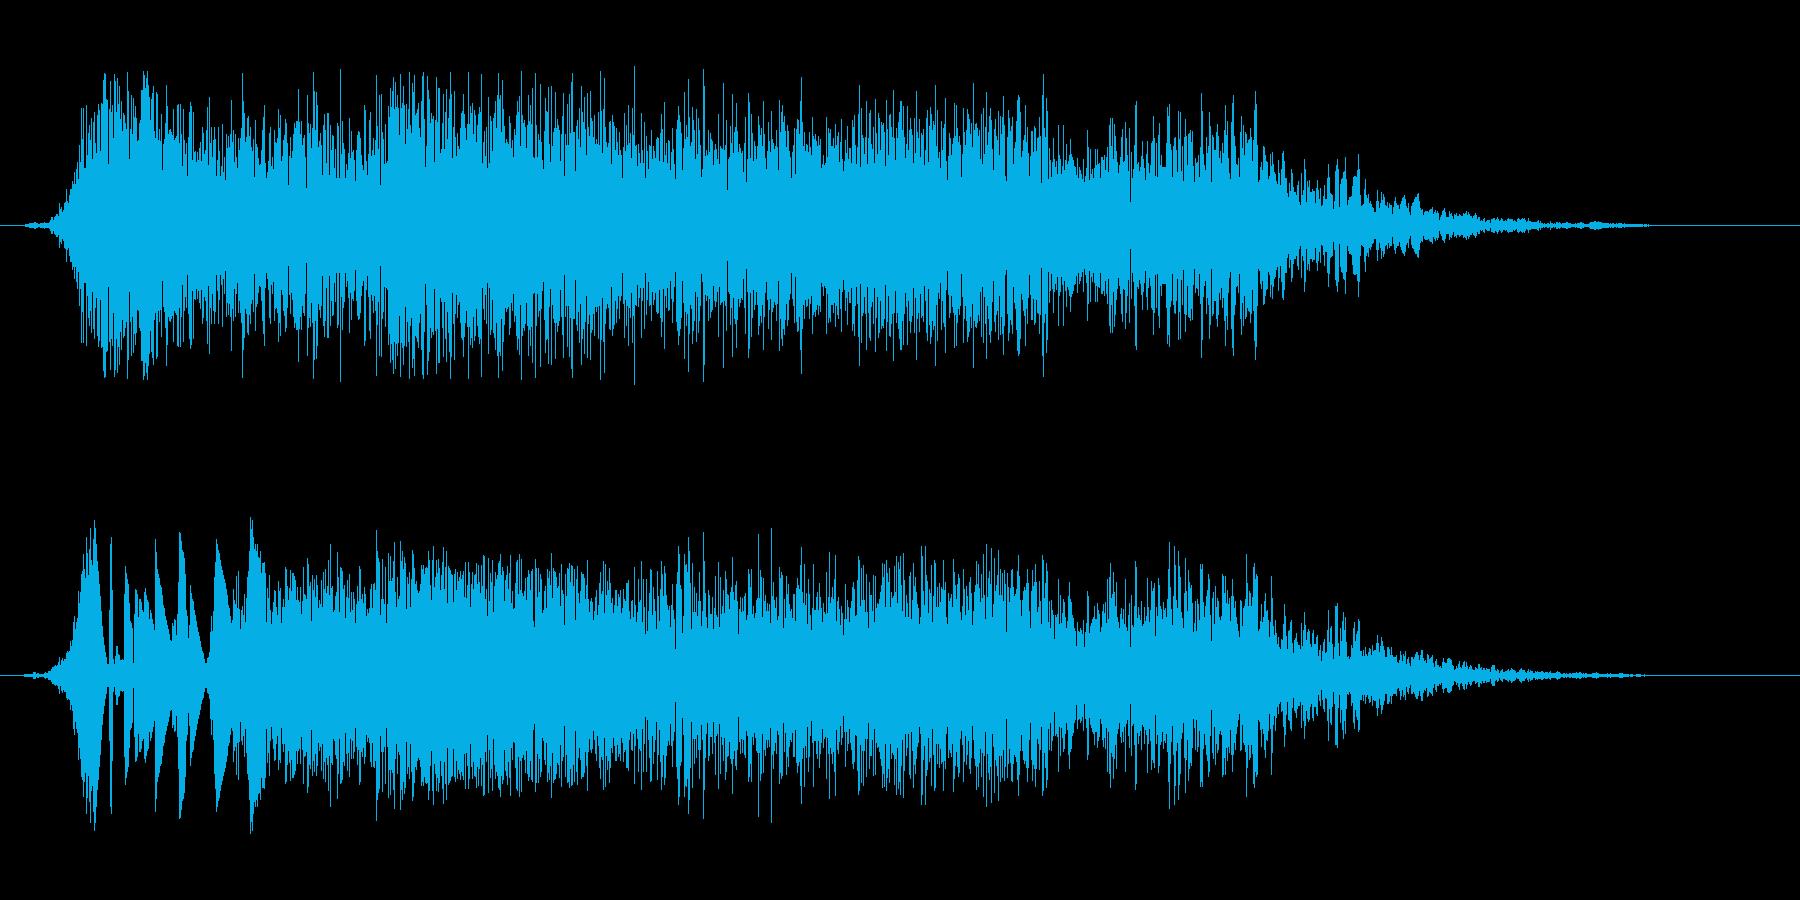 ぷしゅっ(エアー注入音)の再生済みの波形